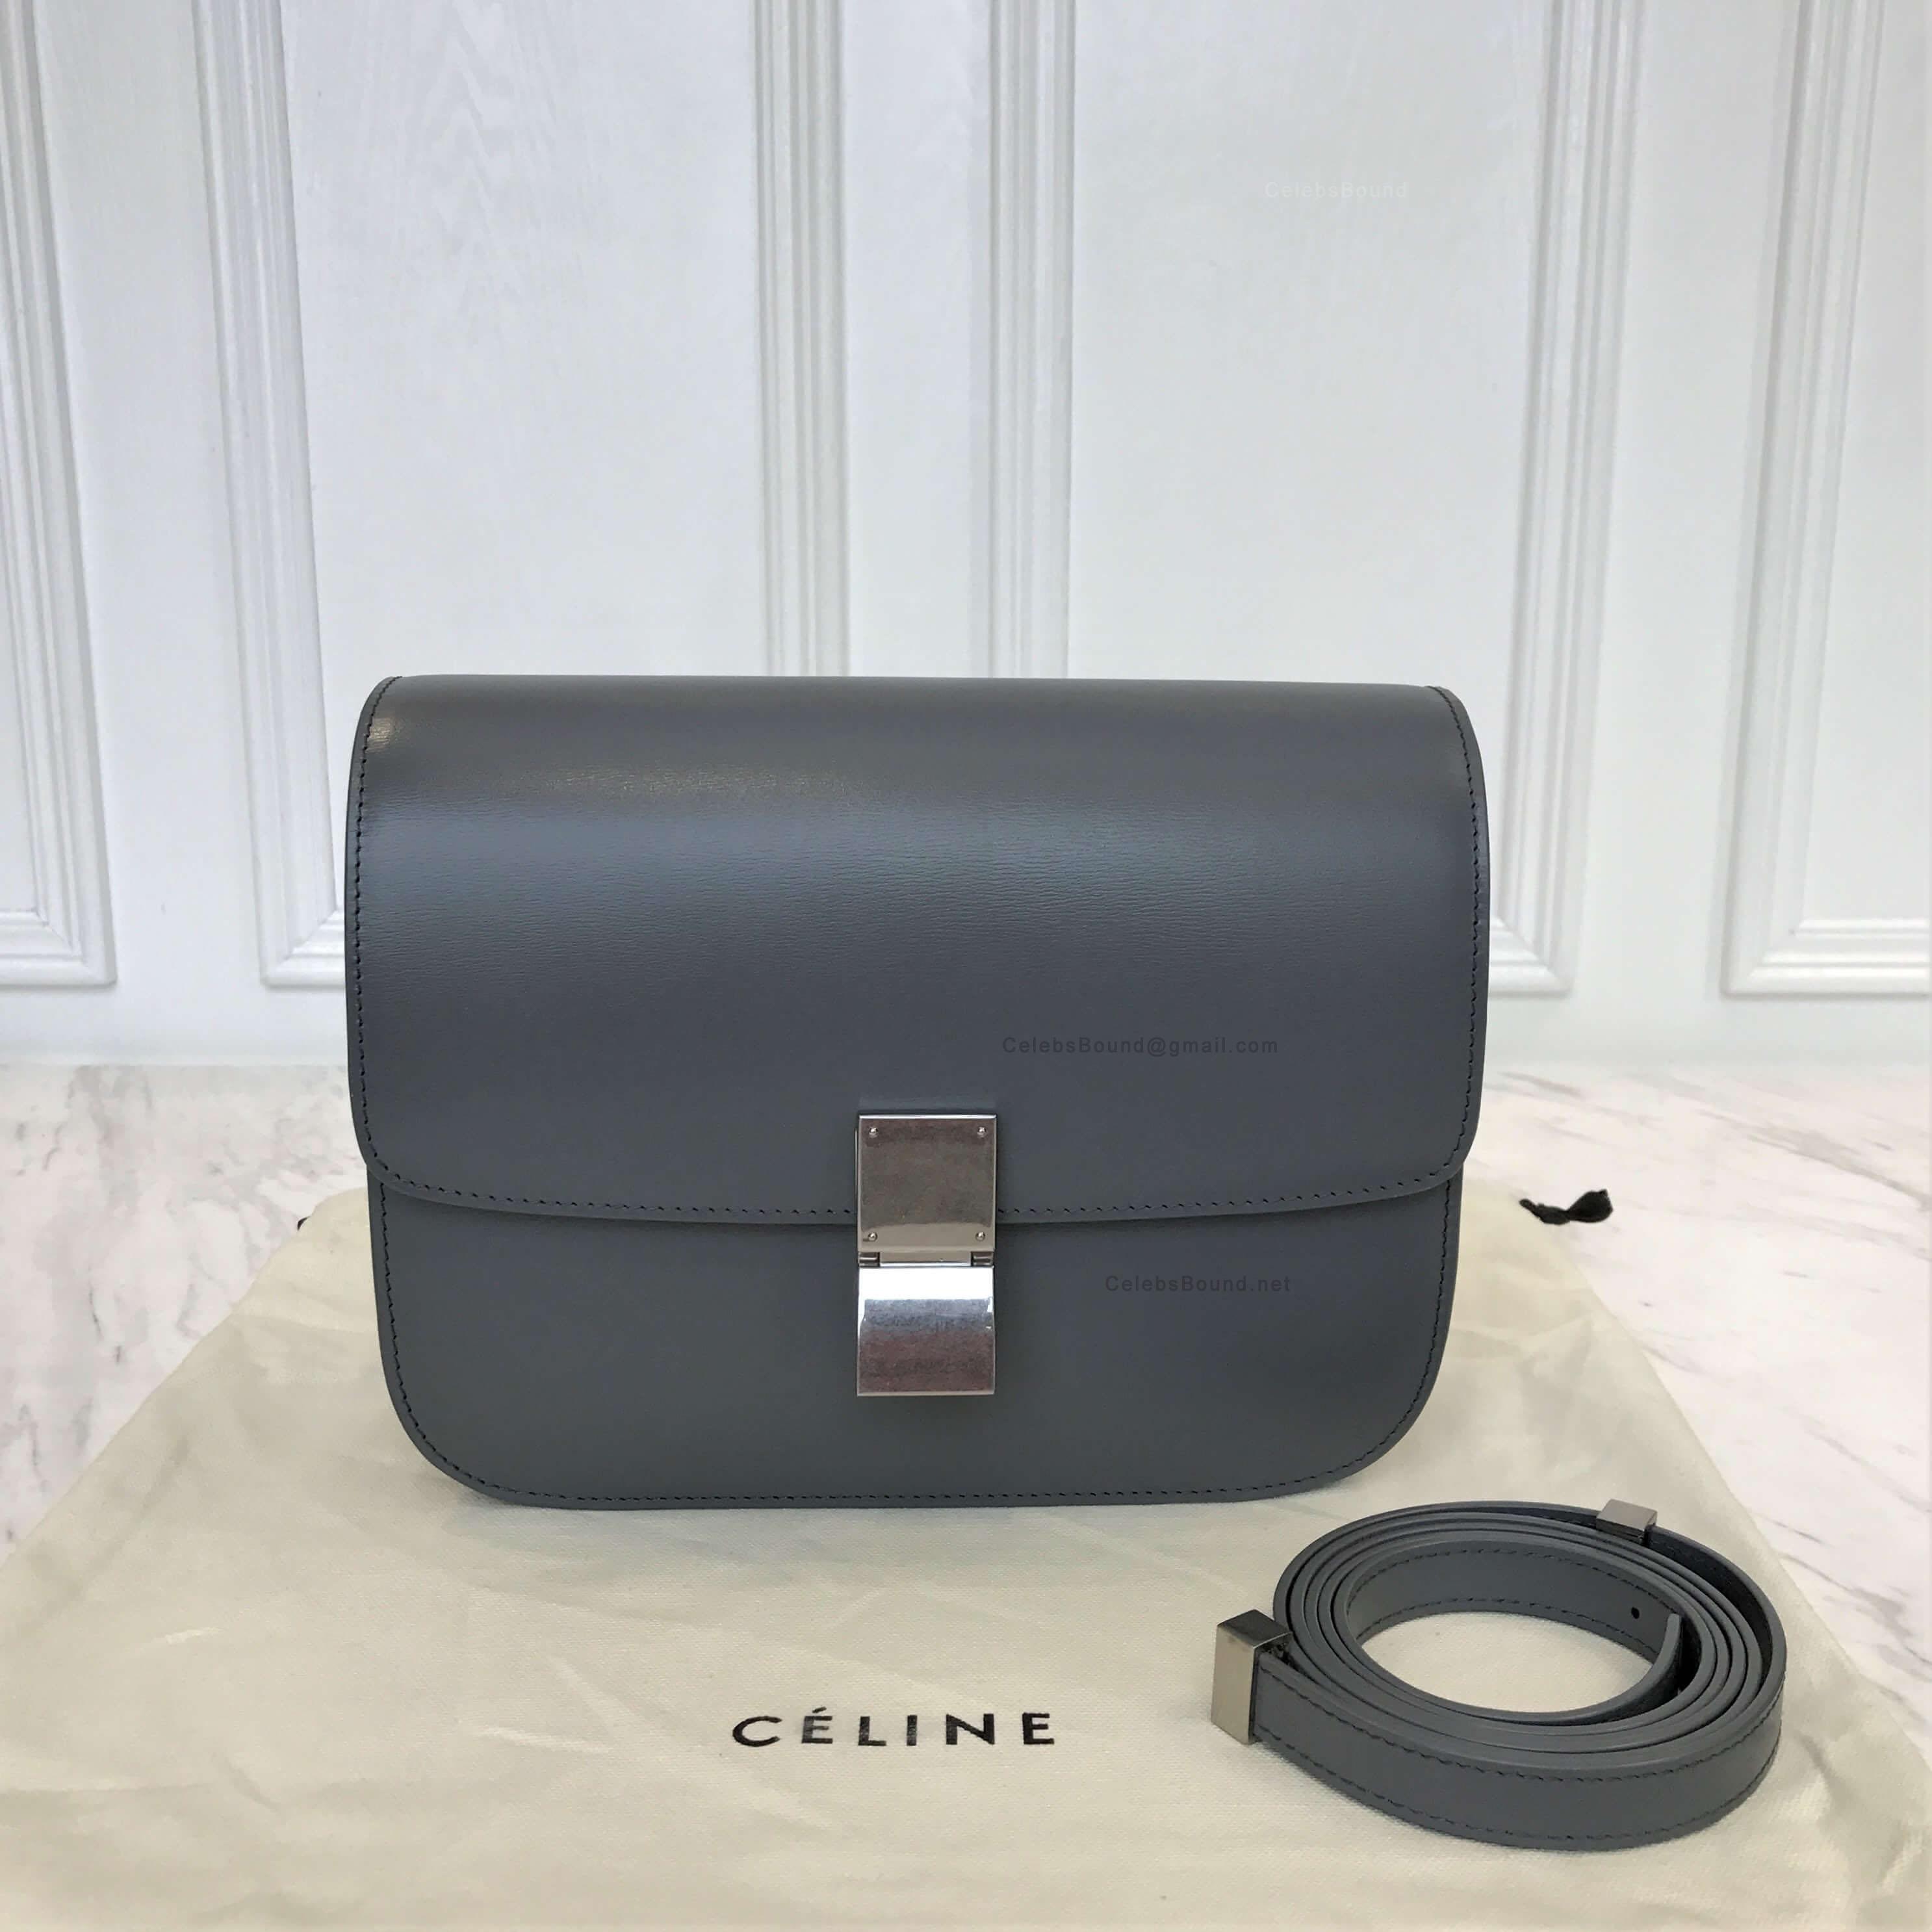 Celine Classic Box Bag Medium in Slate Grey Liege Calfskin a38951f25c1e7